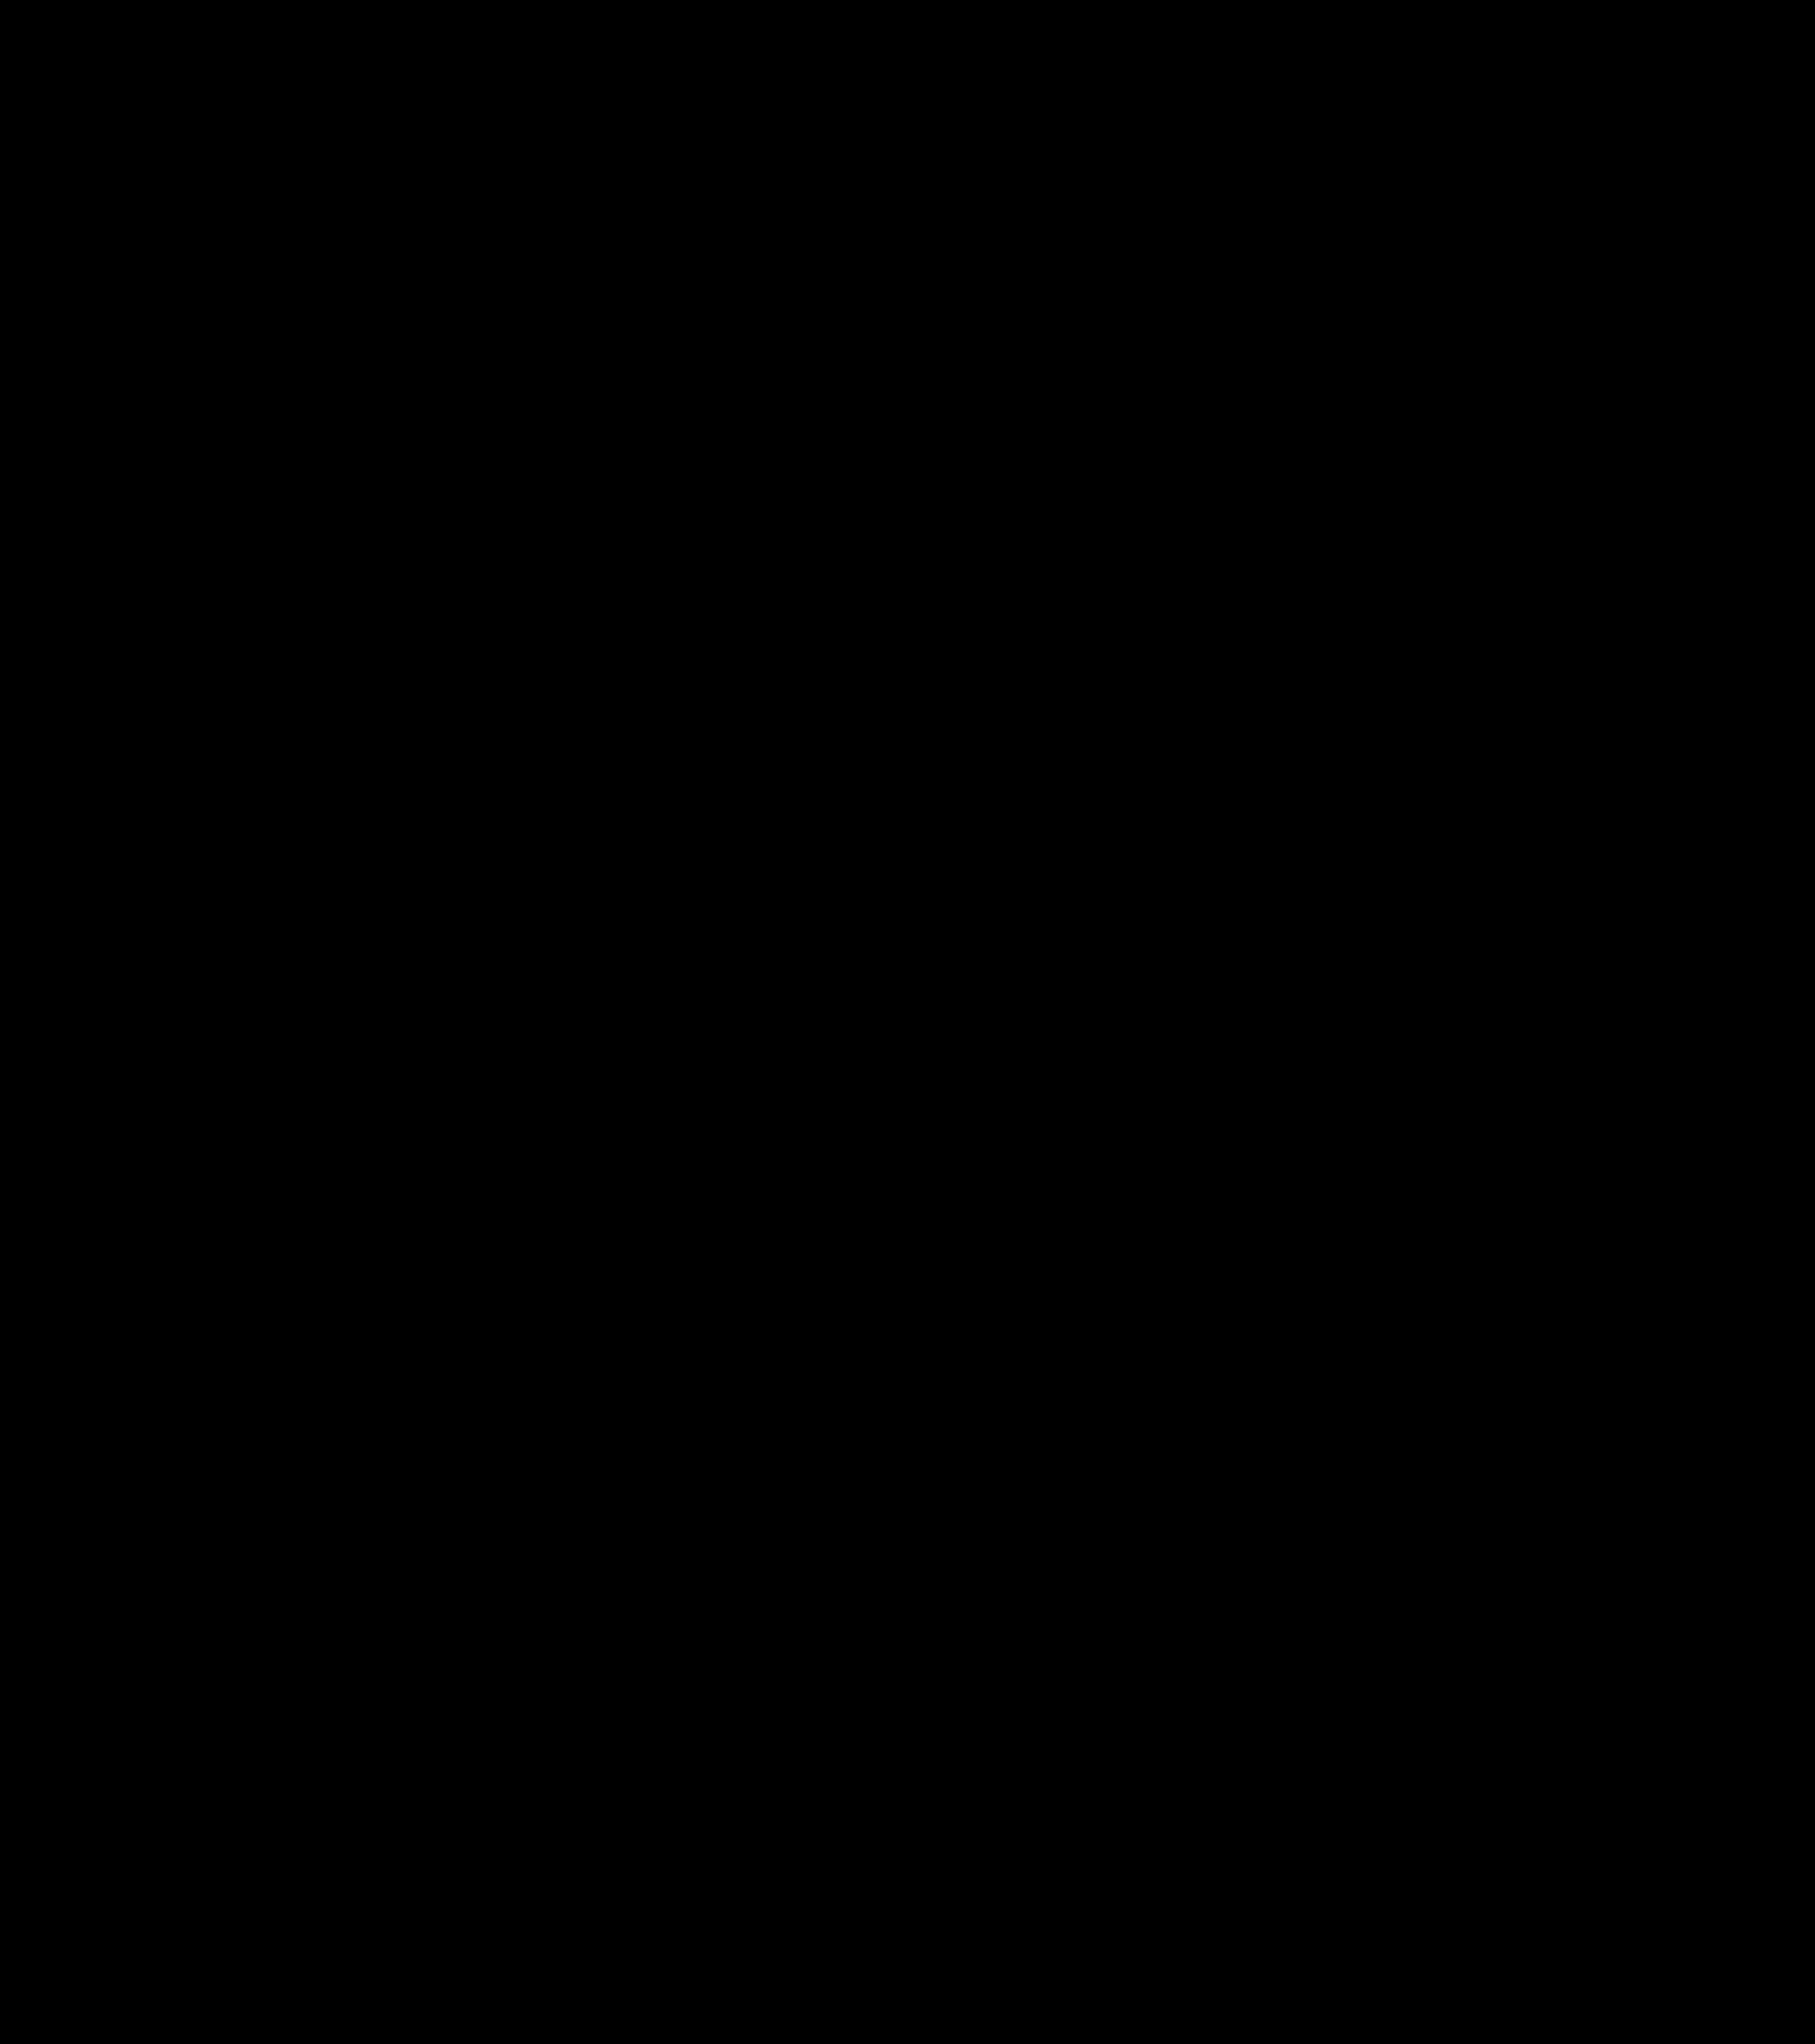 farm rio logo 1 - Farm Logo